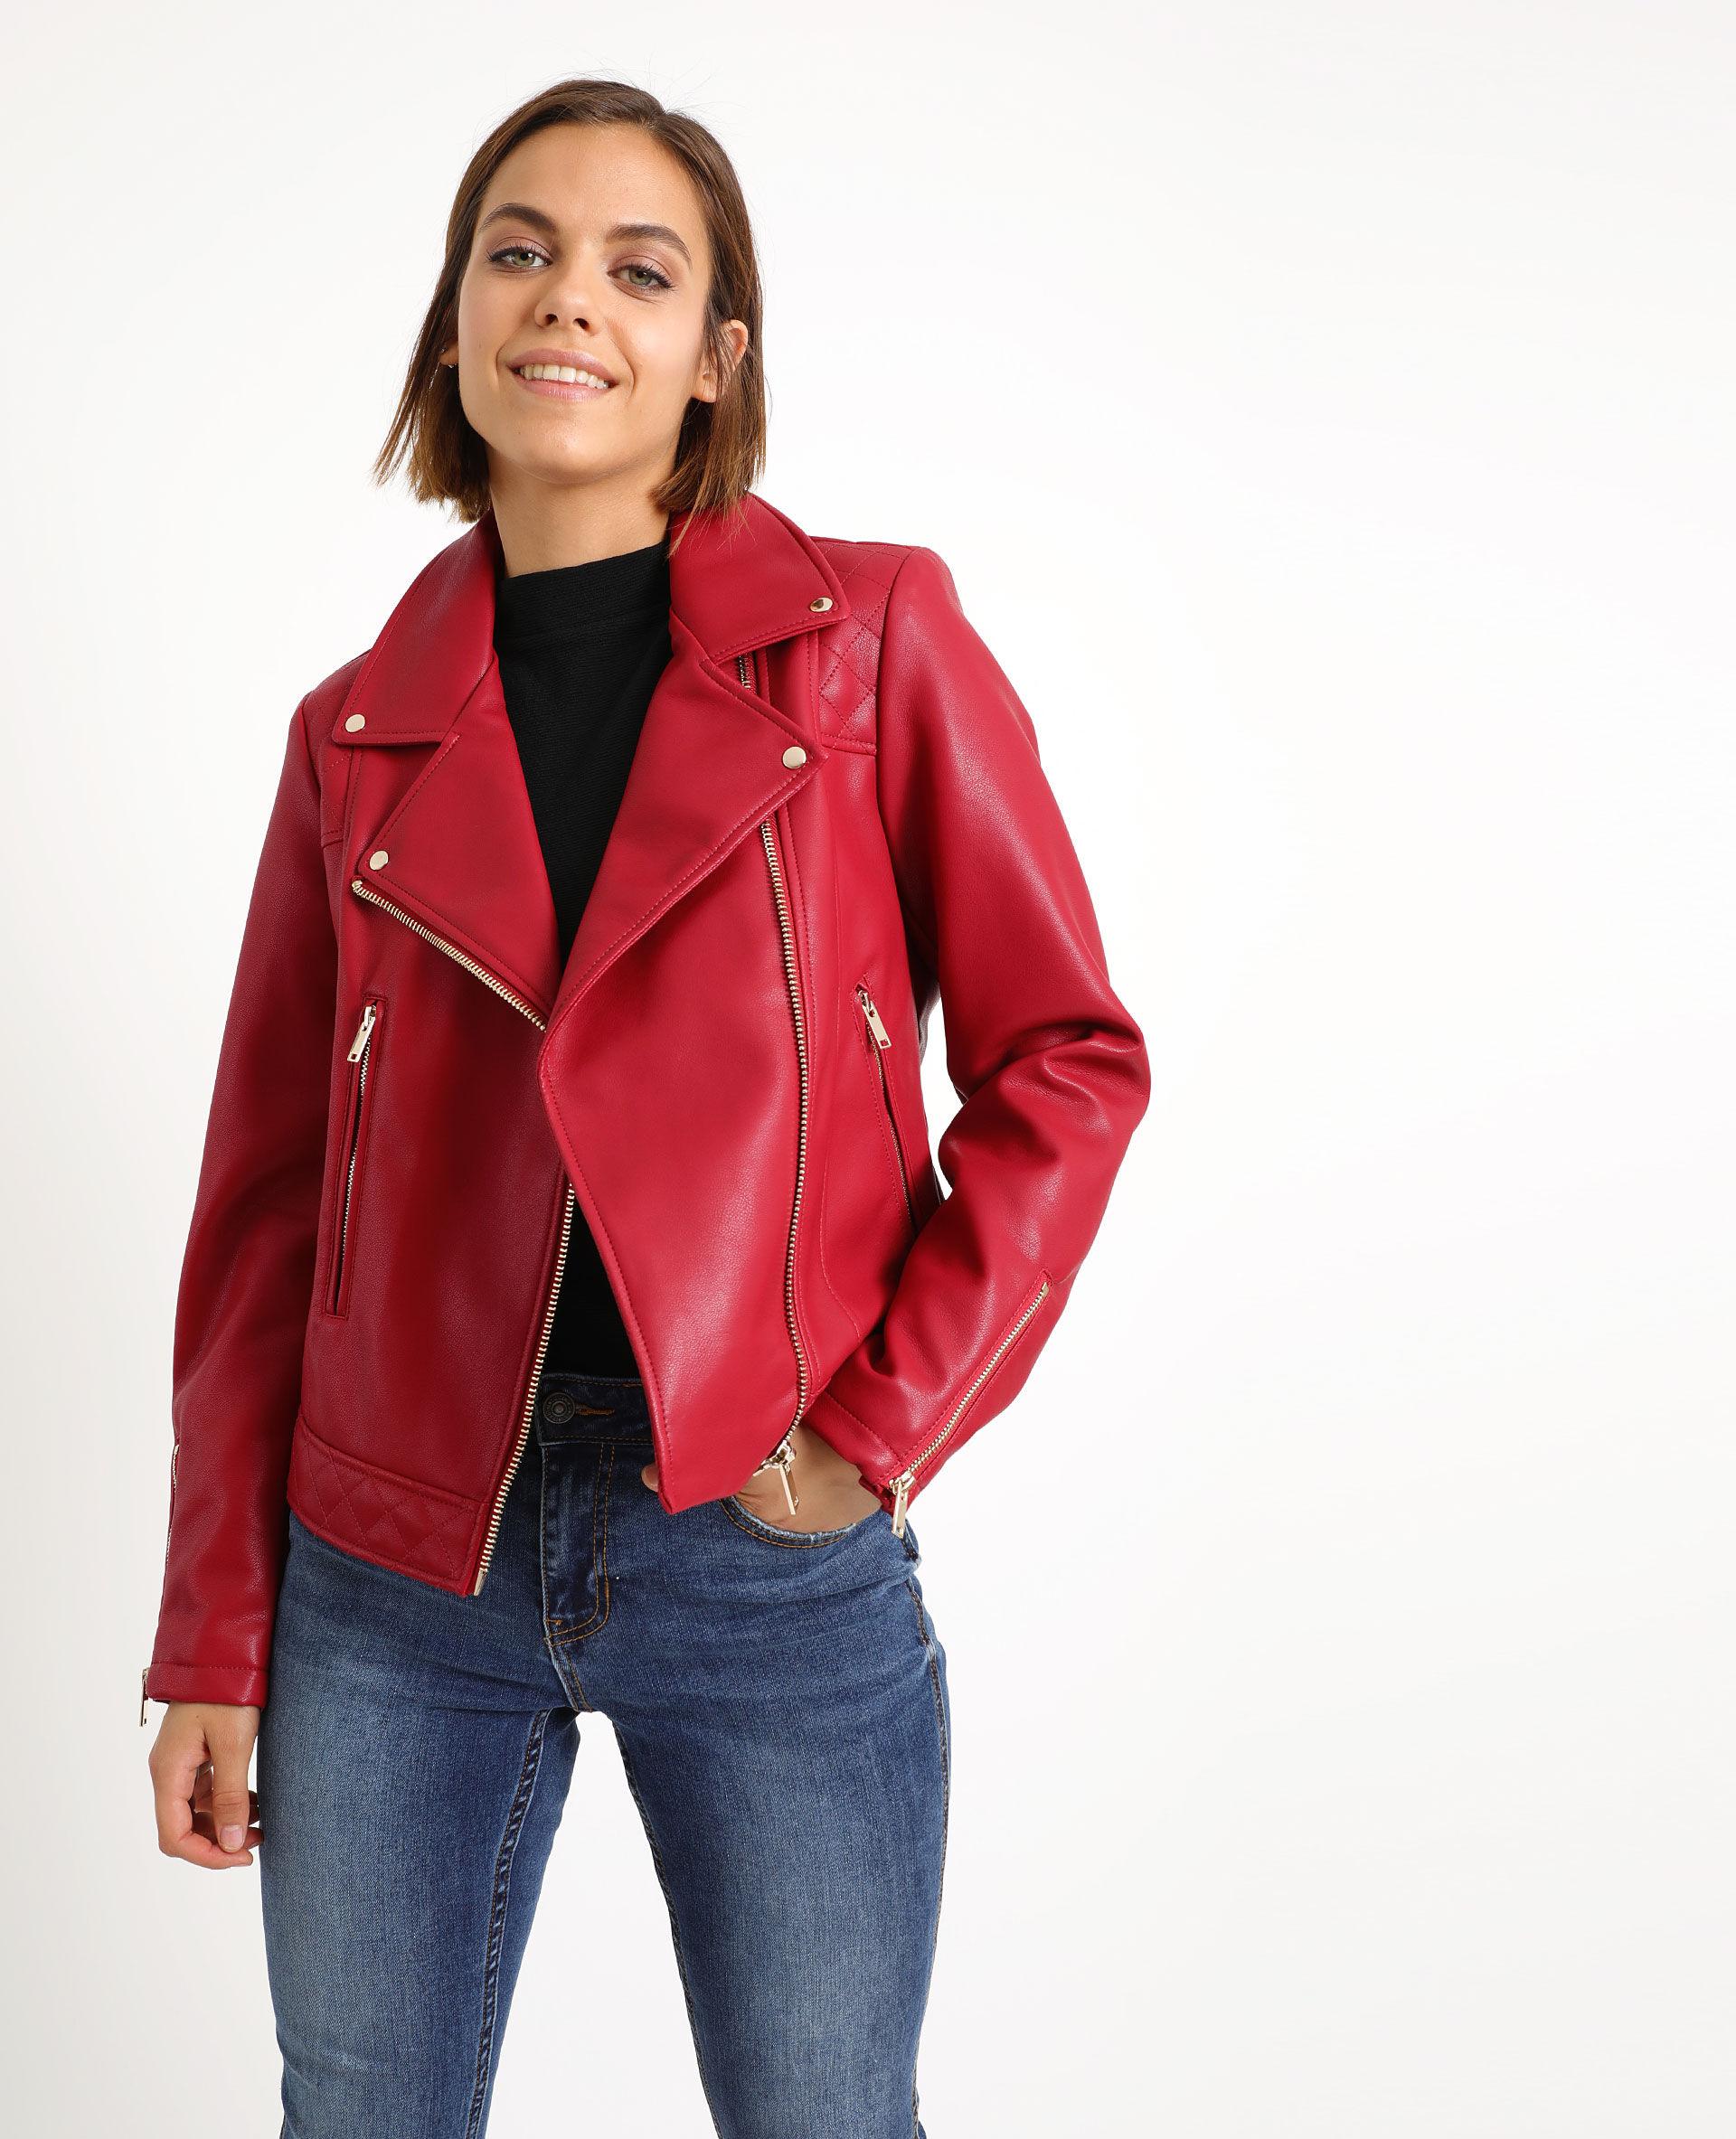 BLOUSON VESTE ROSE clair simili cuir femme T40 style